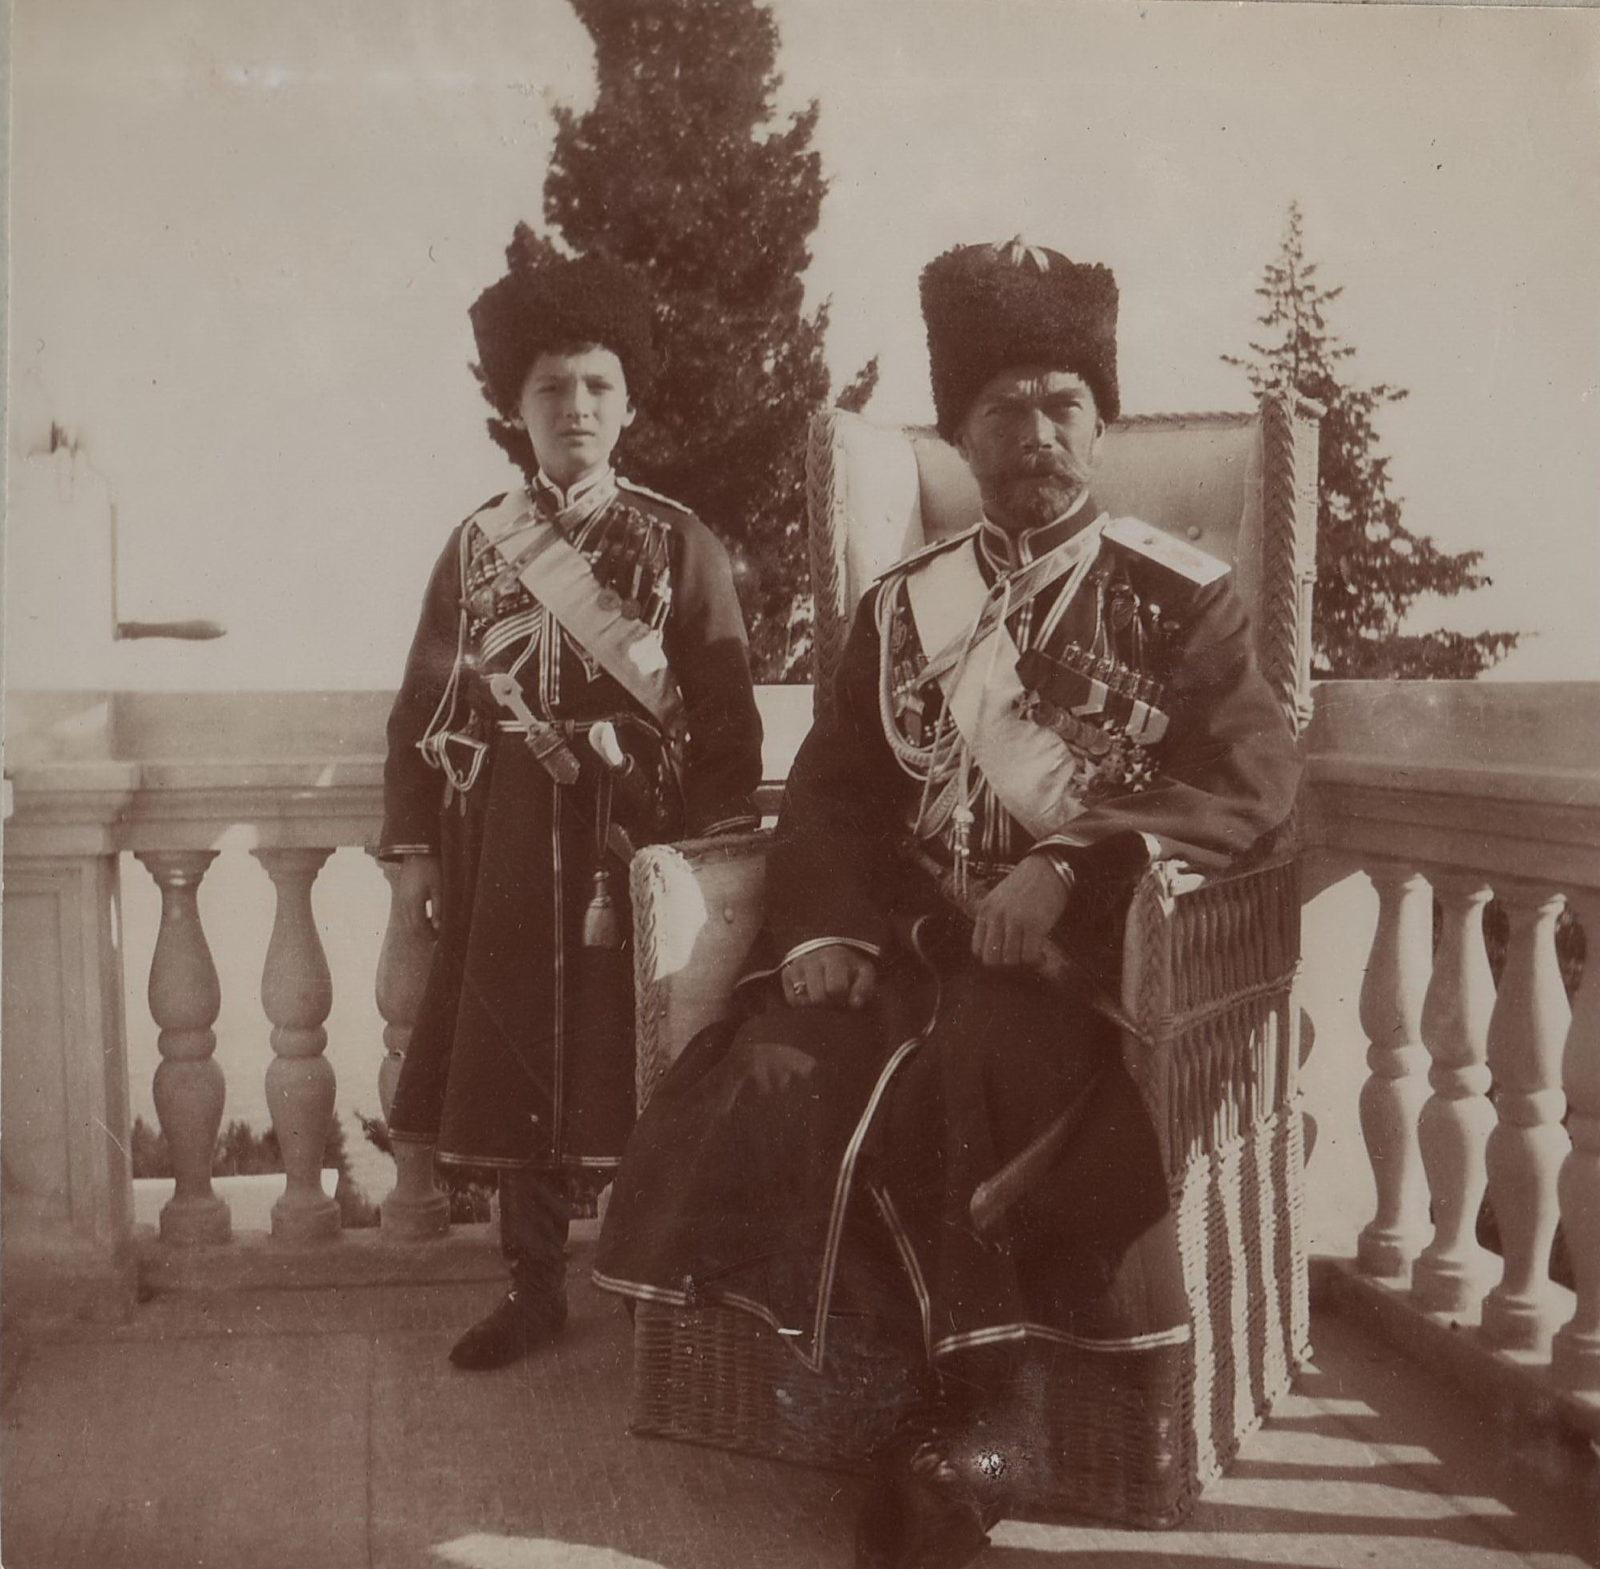 Nicholas II with Tsarevich Alexei. Livadia, 1912-1916